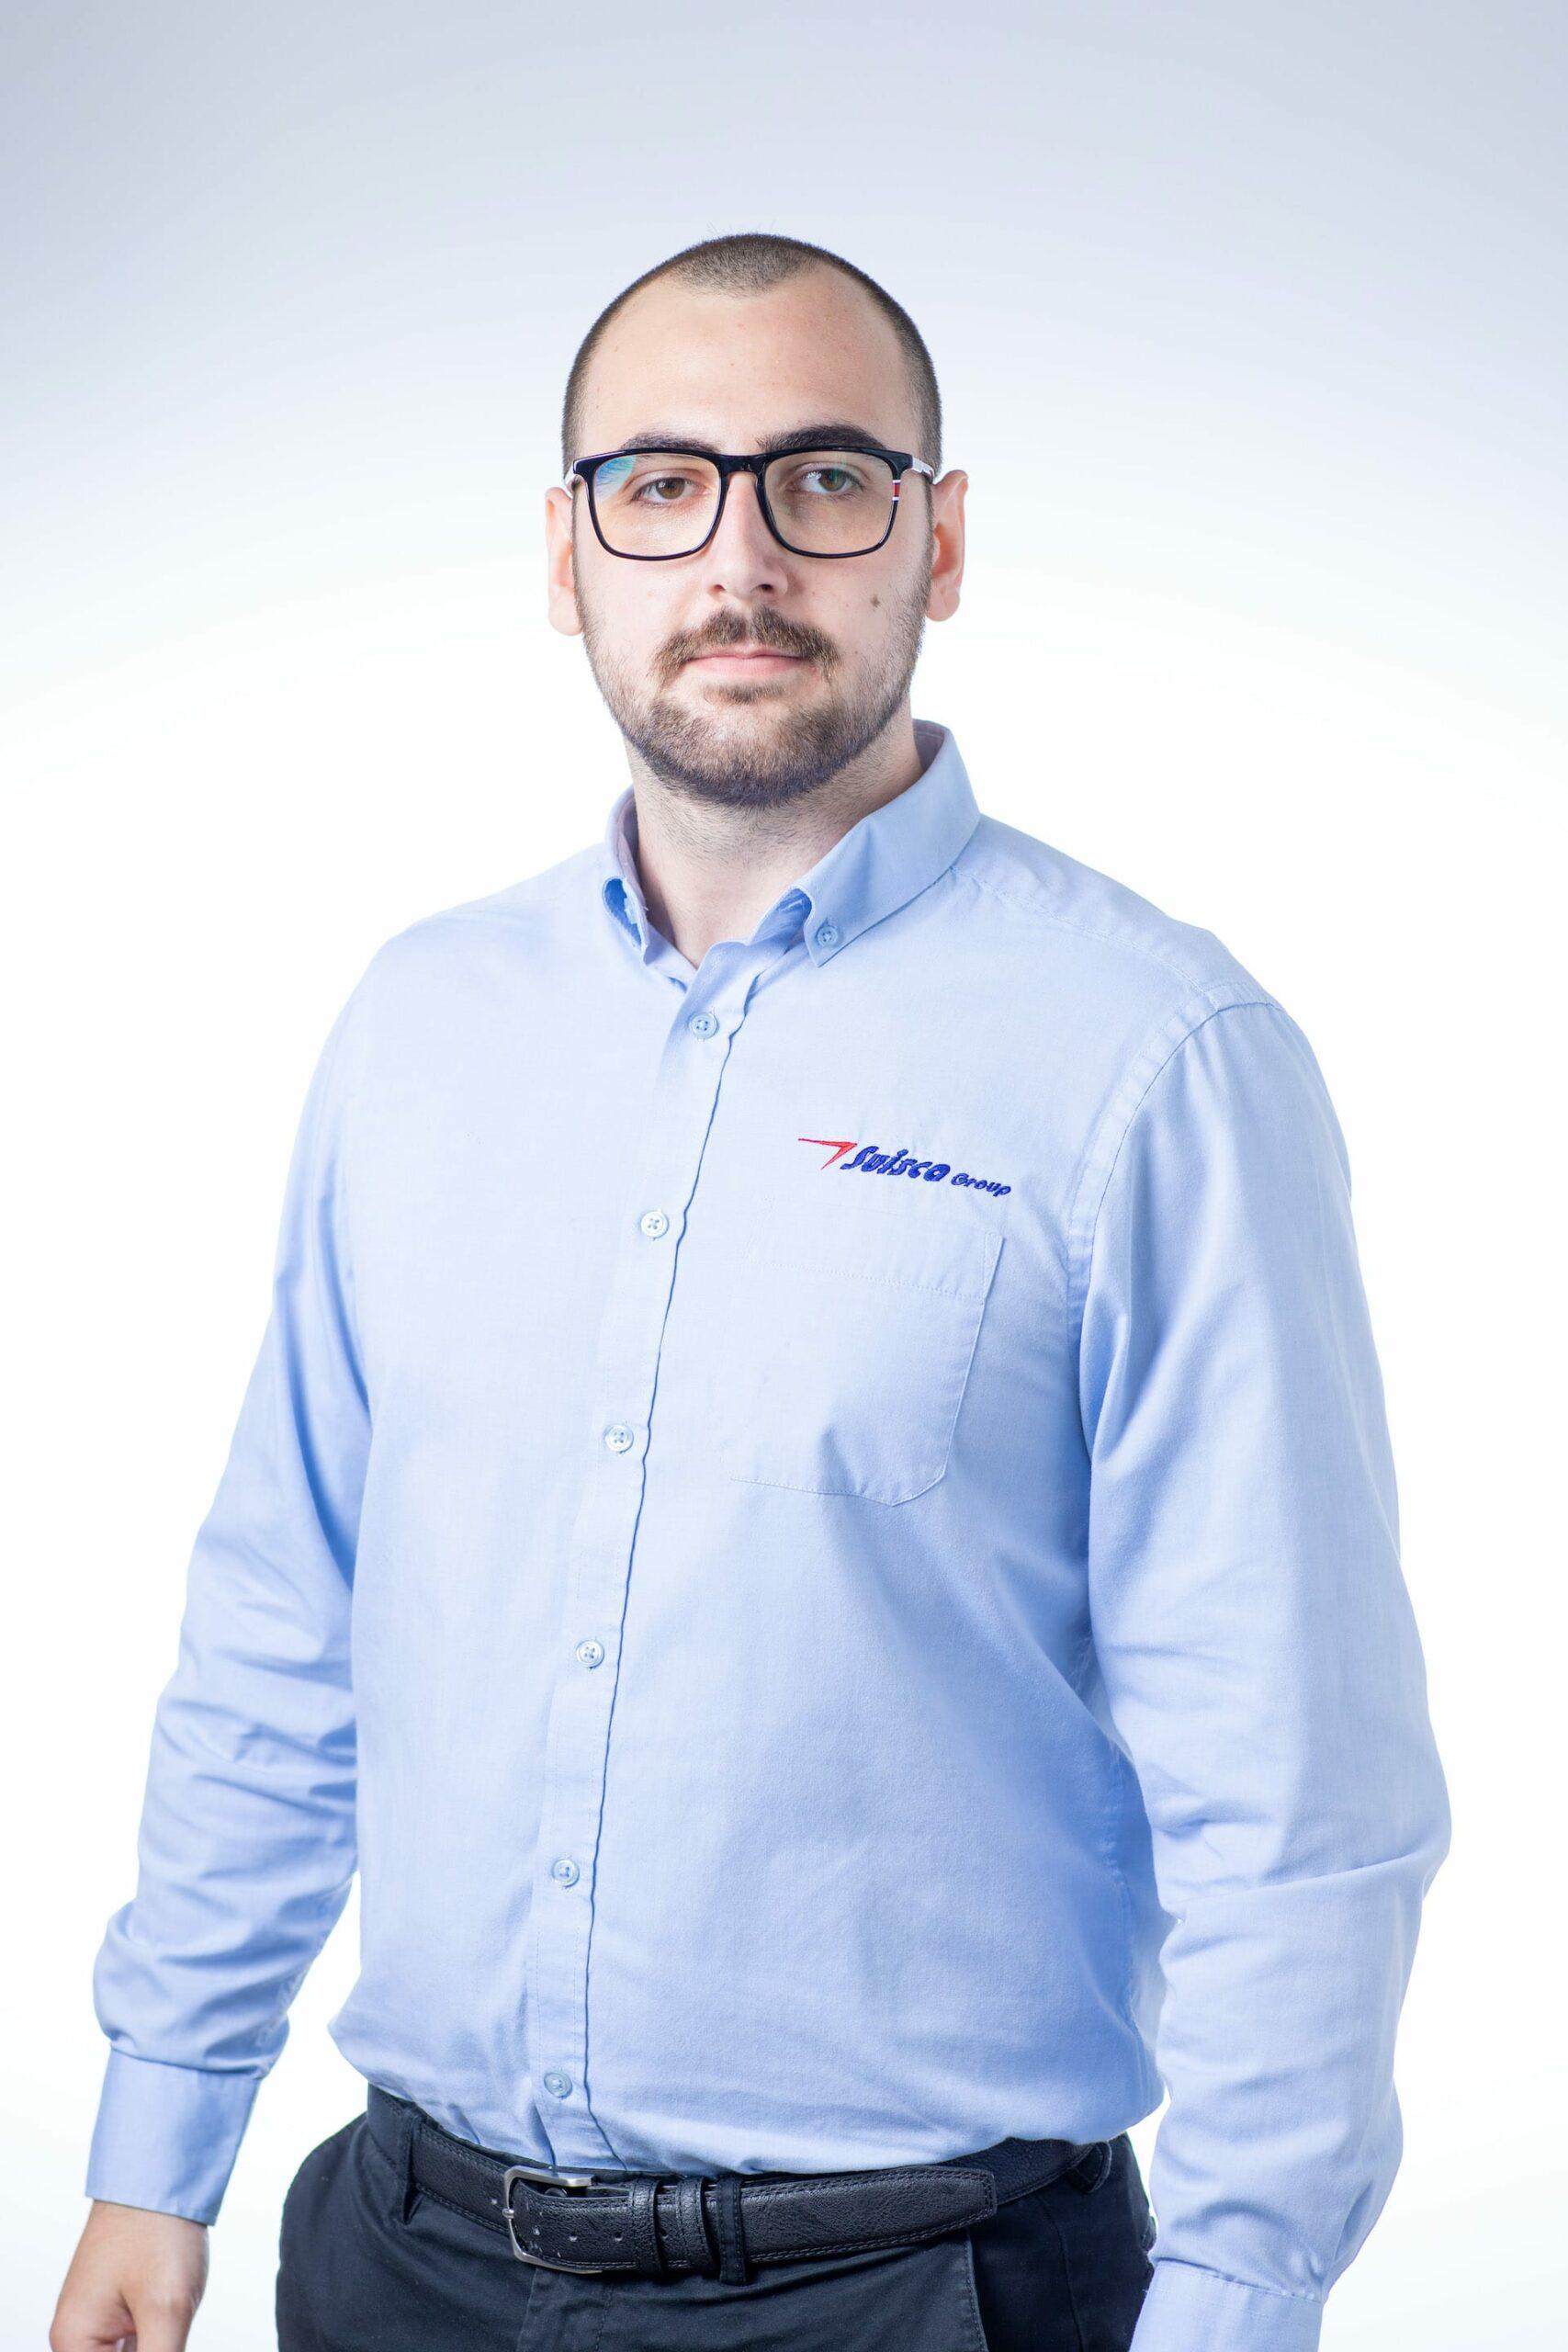 Alejandro Hidalgo